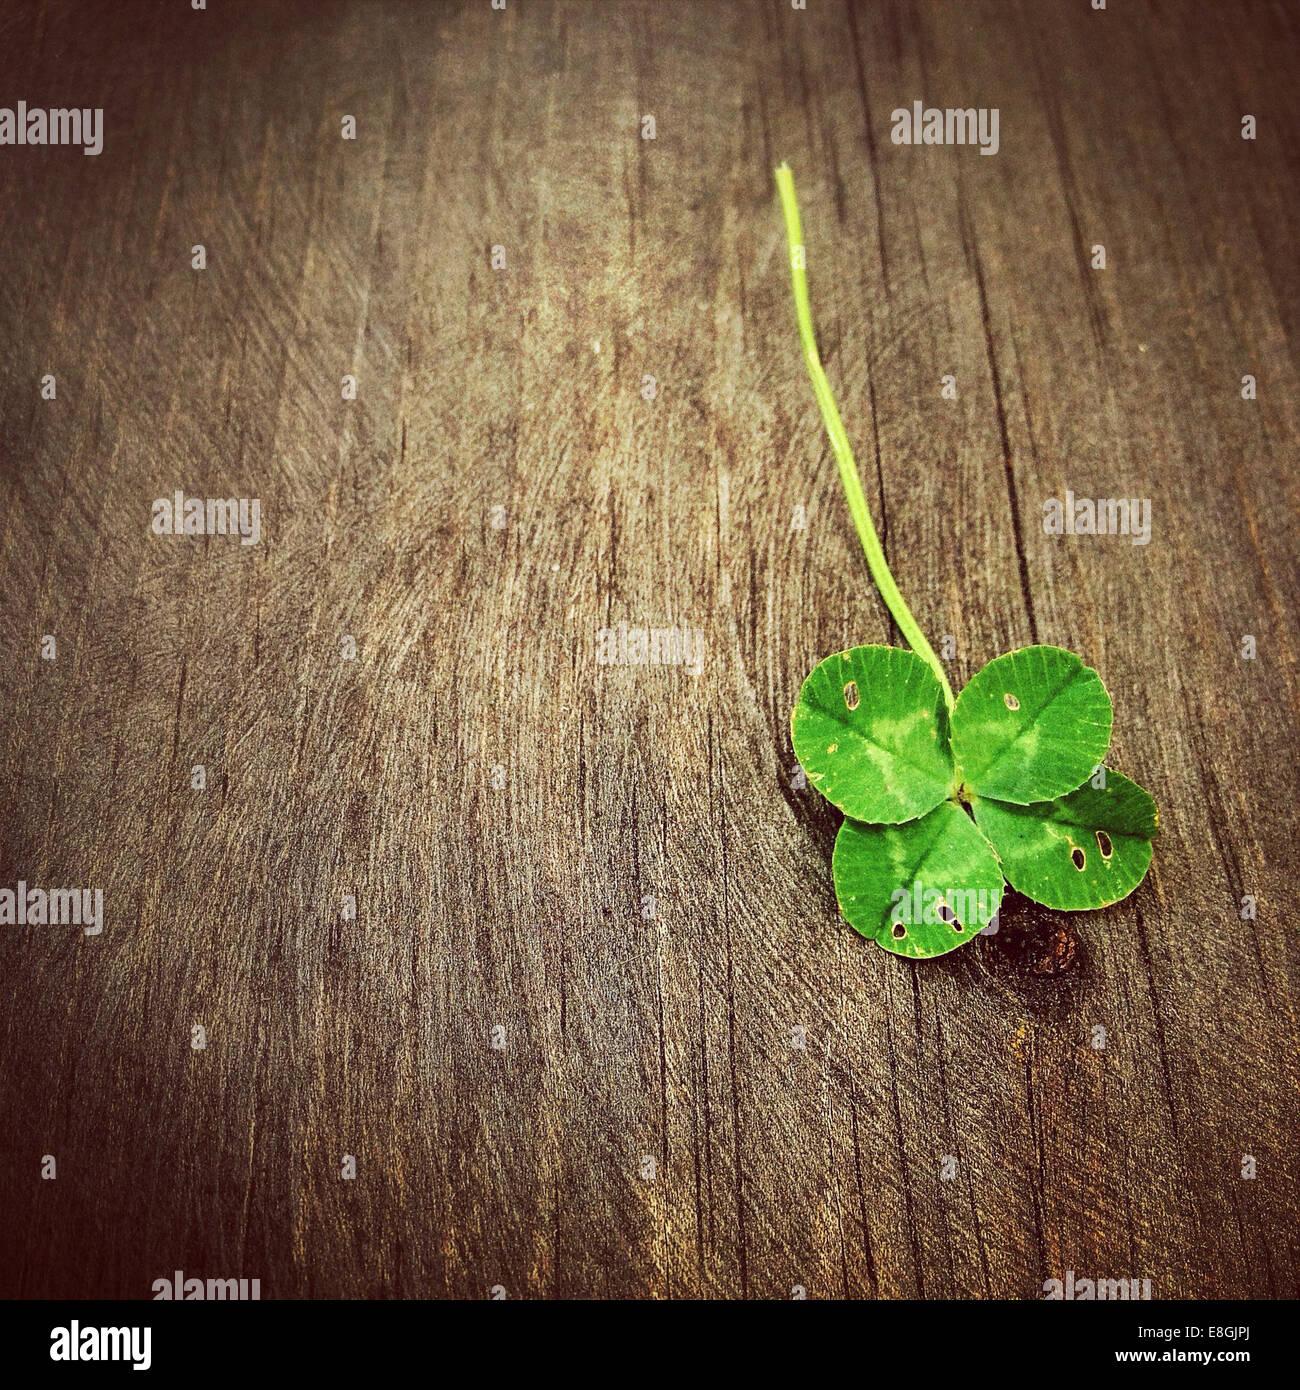 Vierblättriges Kleeblatt auf Holztisch Stockbild